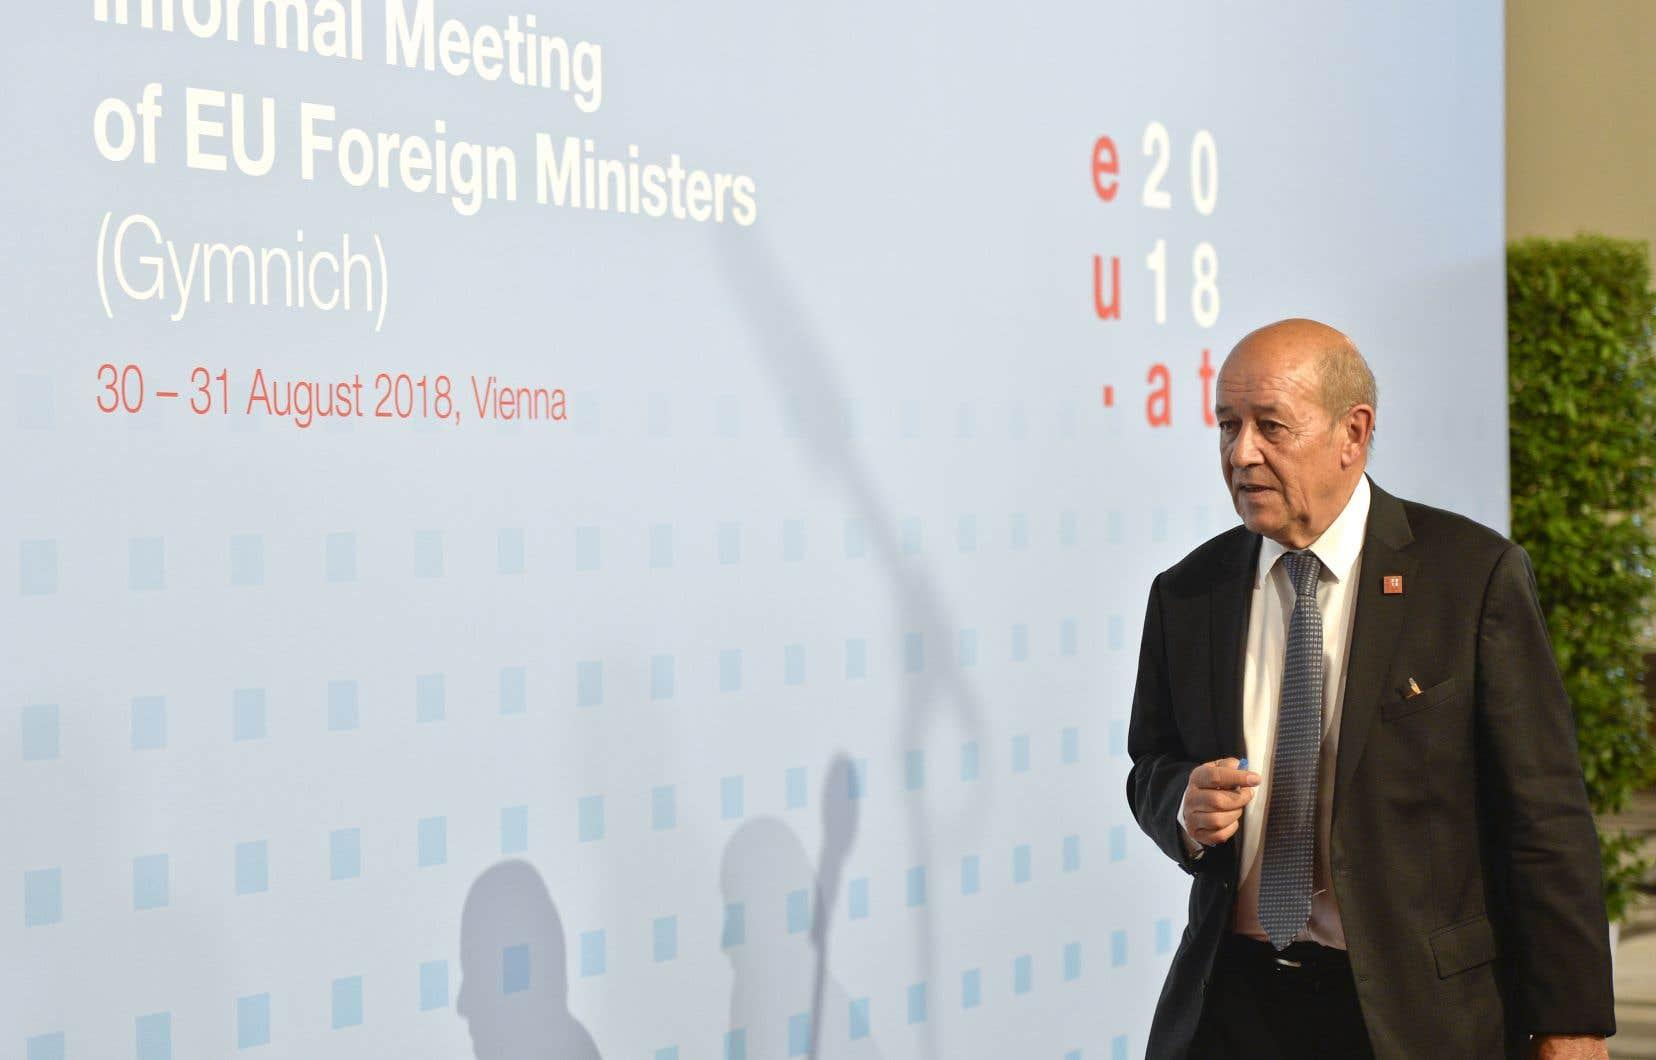 «L'Iran ne pourra pas échapper à des négociations sur trois autres grands sujets qui nous préoccupent» et qui concernent notamment le rôle du pays dans les questions de sécurité régionale, a estimé le chef de la diplomatie française Jean-Yves Le Drian.